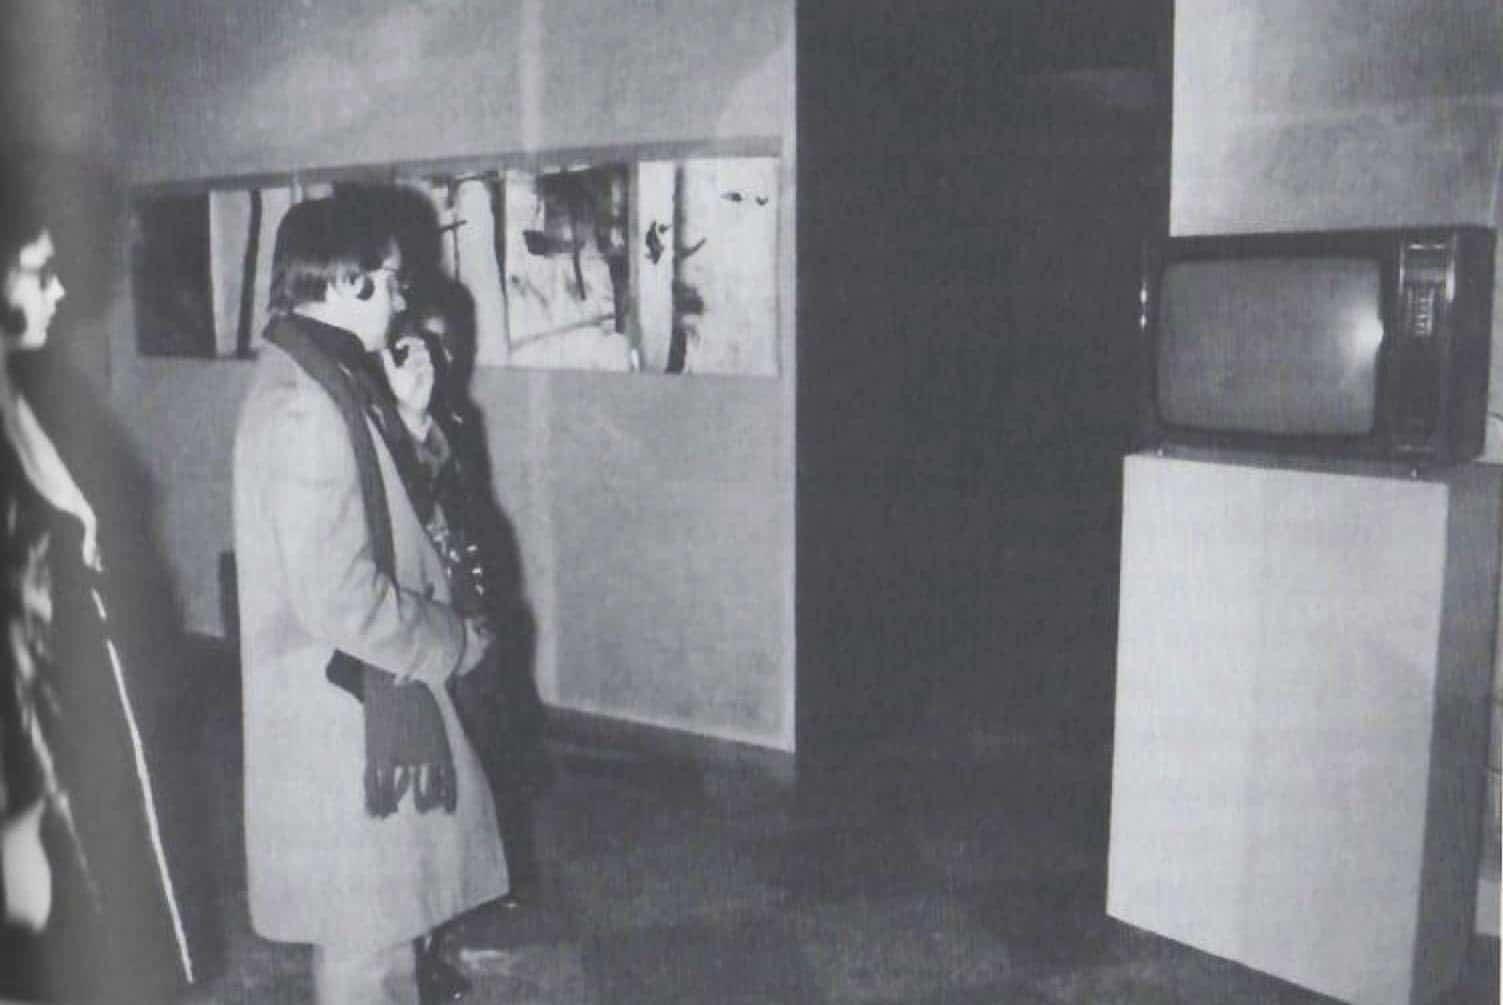 Terza Biennale Internazionale della Giovane Pittura, <em>Gennaio 70. Comportamenti, progetti, mediazioni</em>, Museo Civico Archeologico, Bologna, gennaio 1970. Archivio fotografico Musei Civici d'Arte Antica, Istituzione Bologna Musei